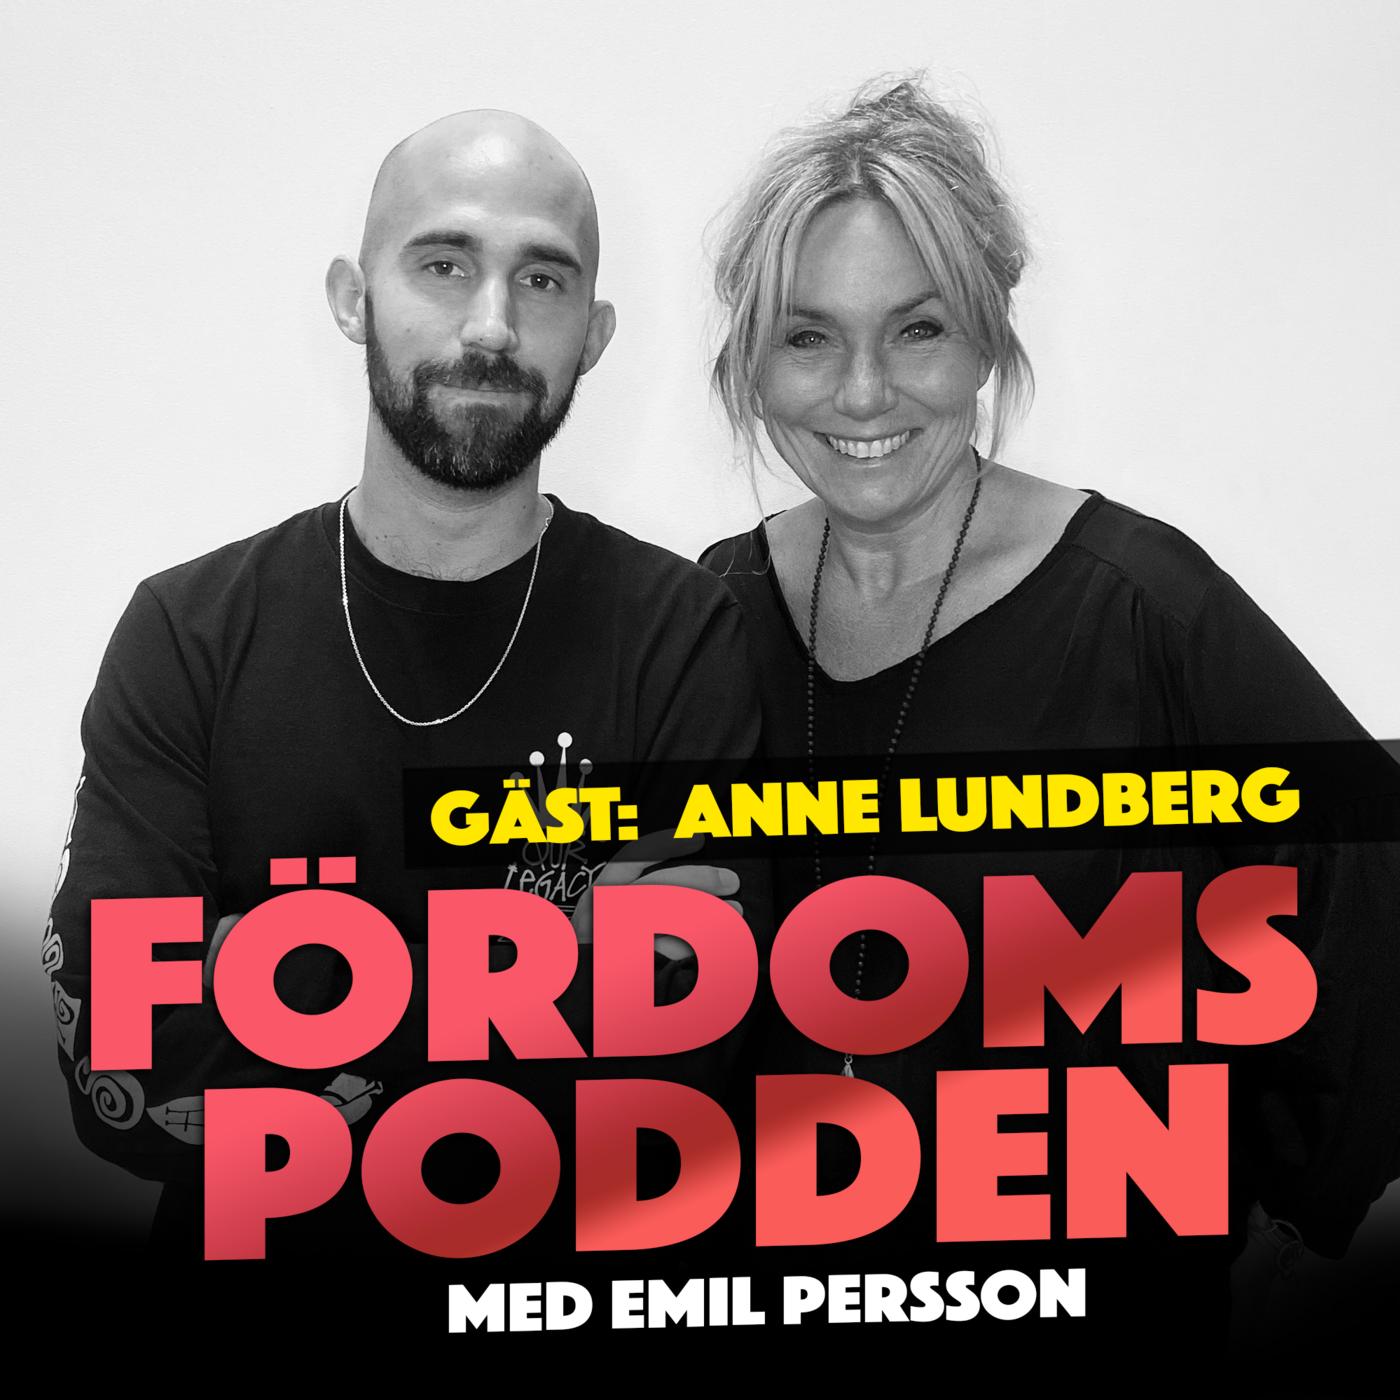 #148 Har Anne Lundberg åkt motorcykel med sina armar runt en medioker mans midja?